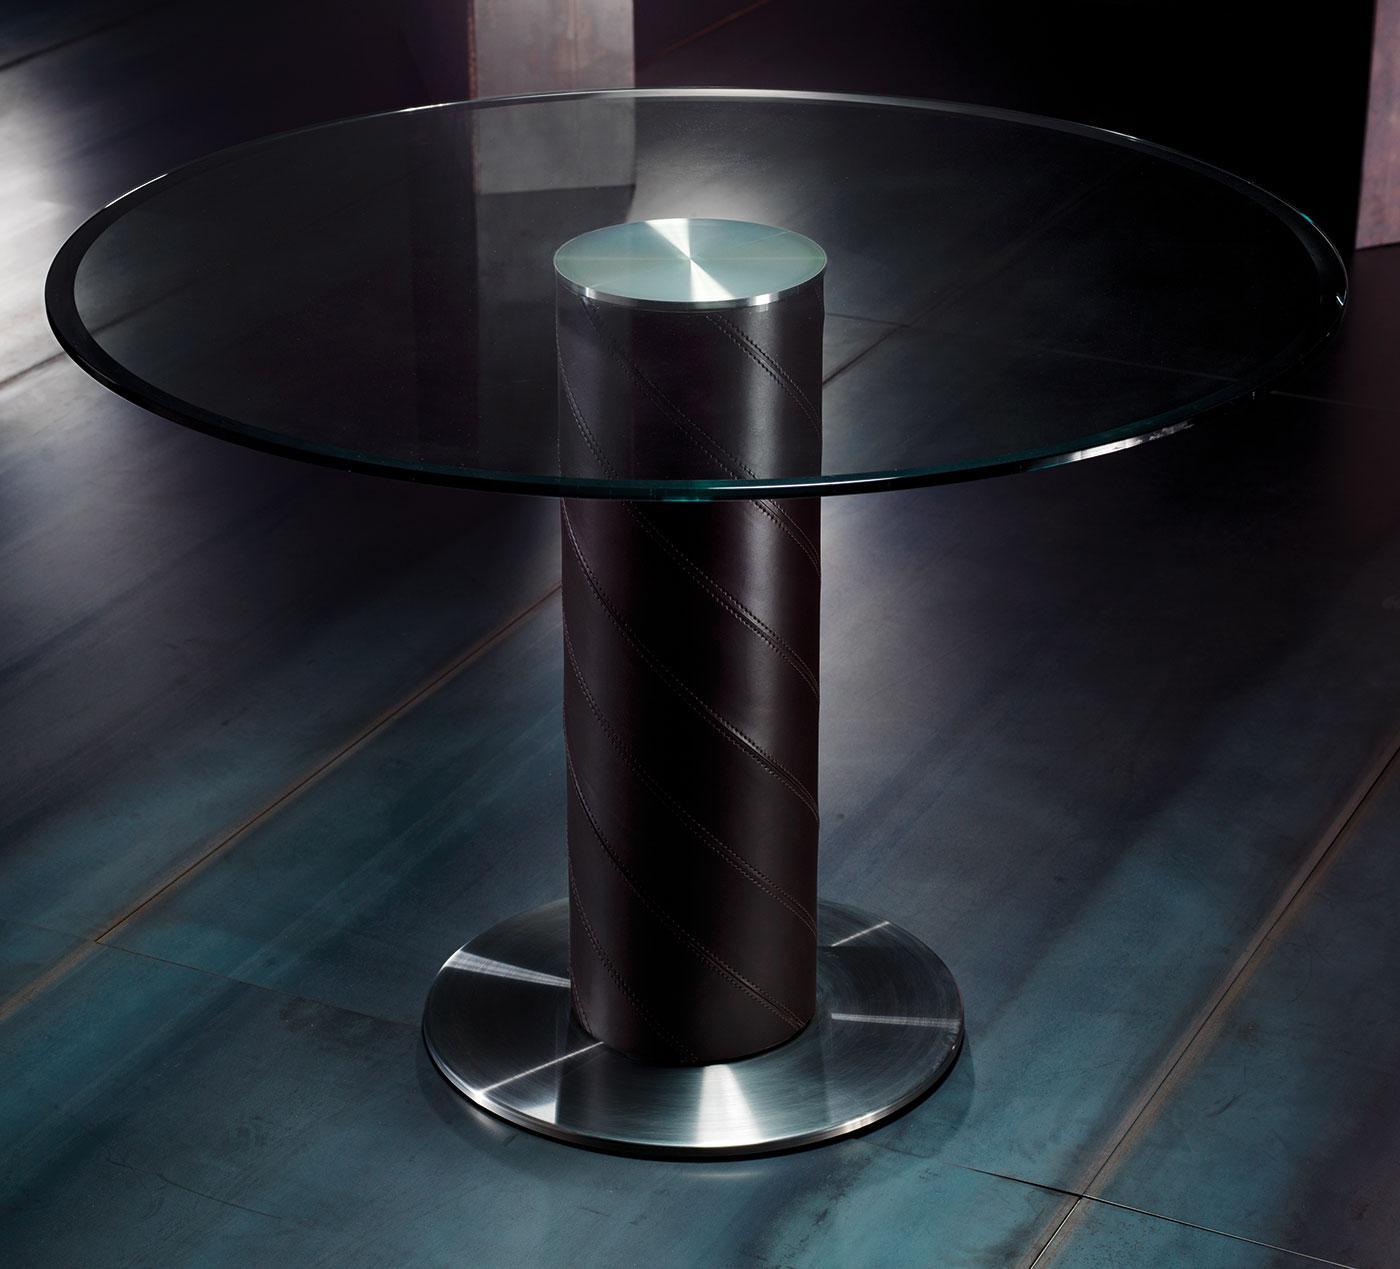 Tavolo Rotondo Moderno In Vetro.Tavoli In Vetro Rotondi Best Tavolo Cristallo Rotondo Allungabile